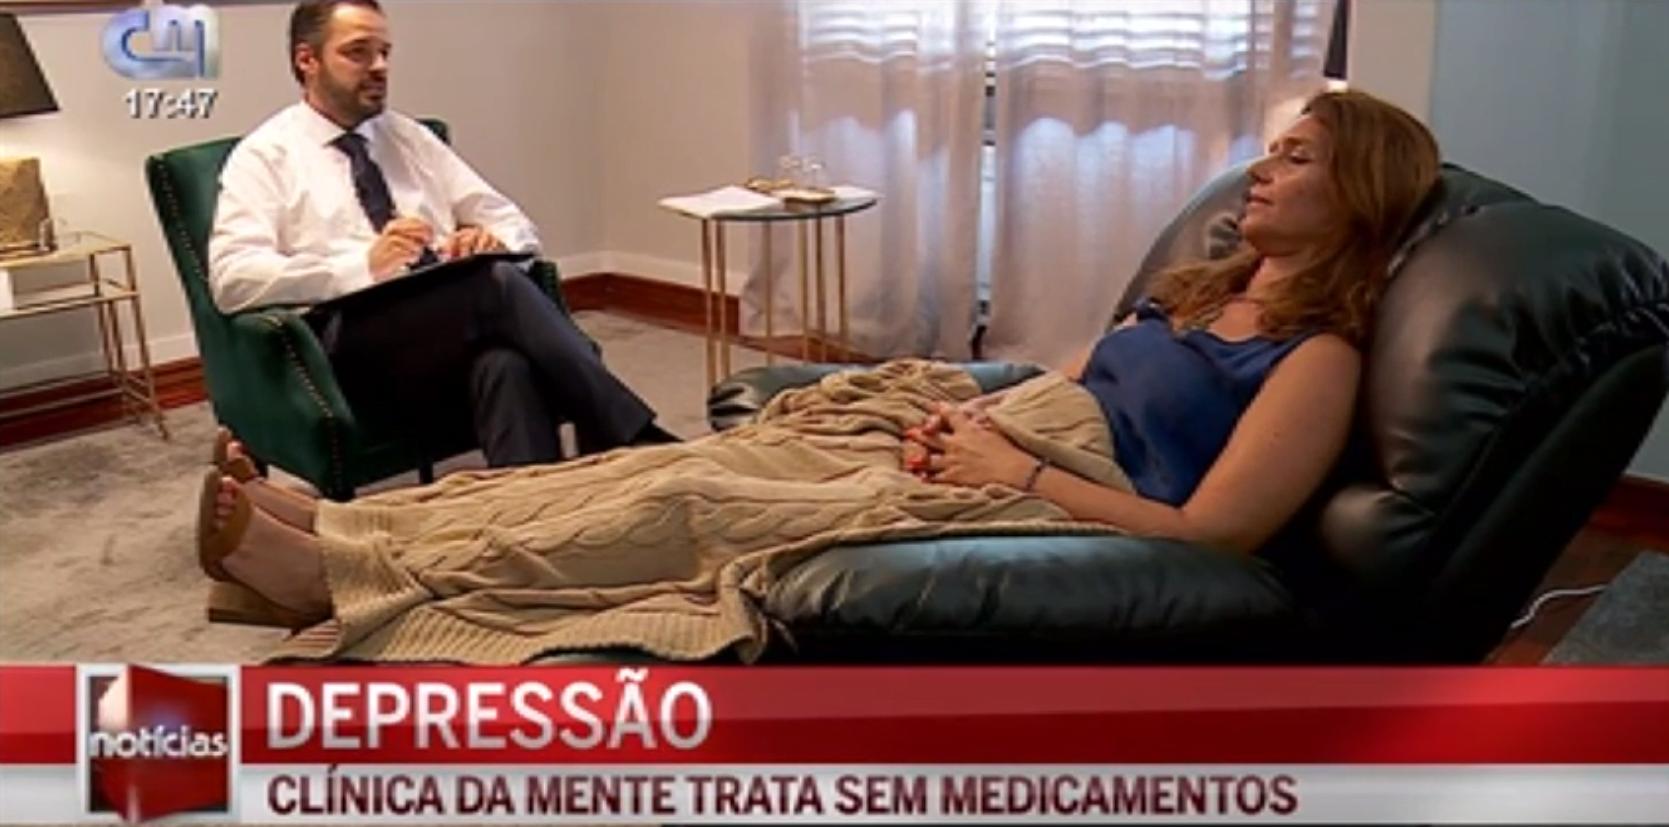 Clínica da Mente trata Depressão sem medicamentos | CMTV